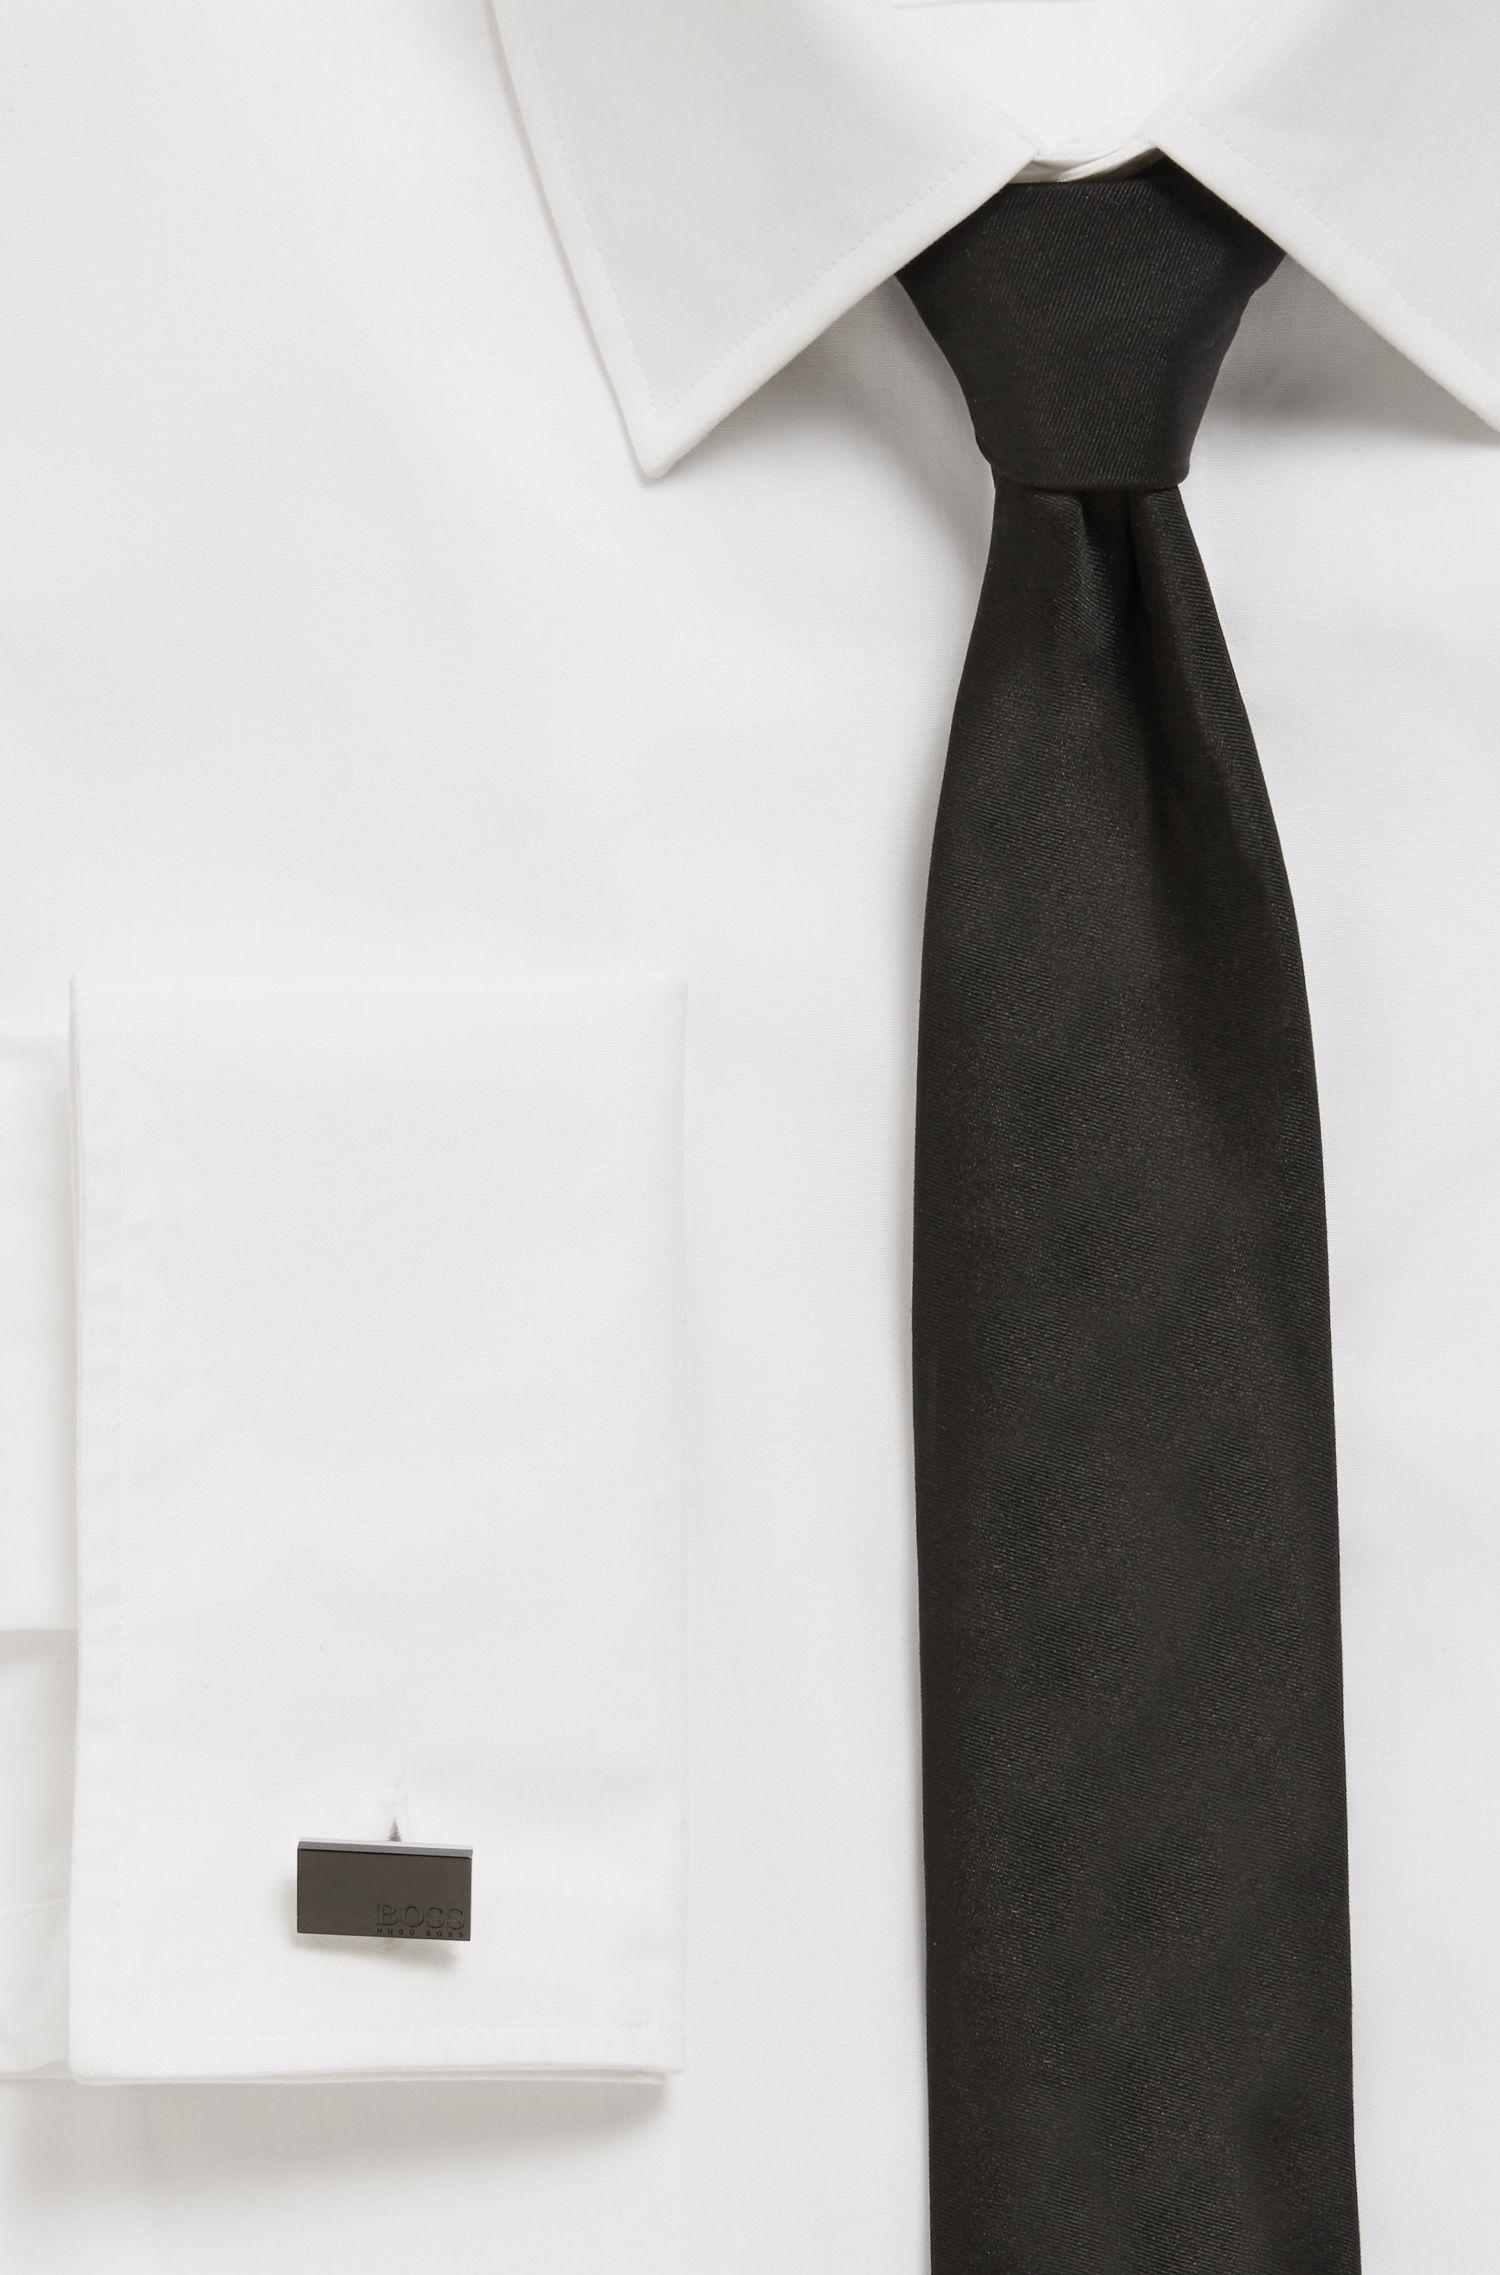 Rechteckige Manschettenknöpfe mit schwarz beschichteter Vorderseite